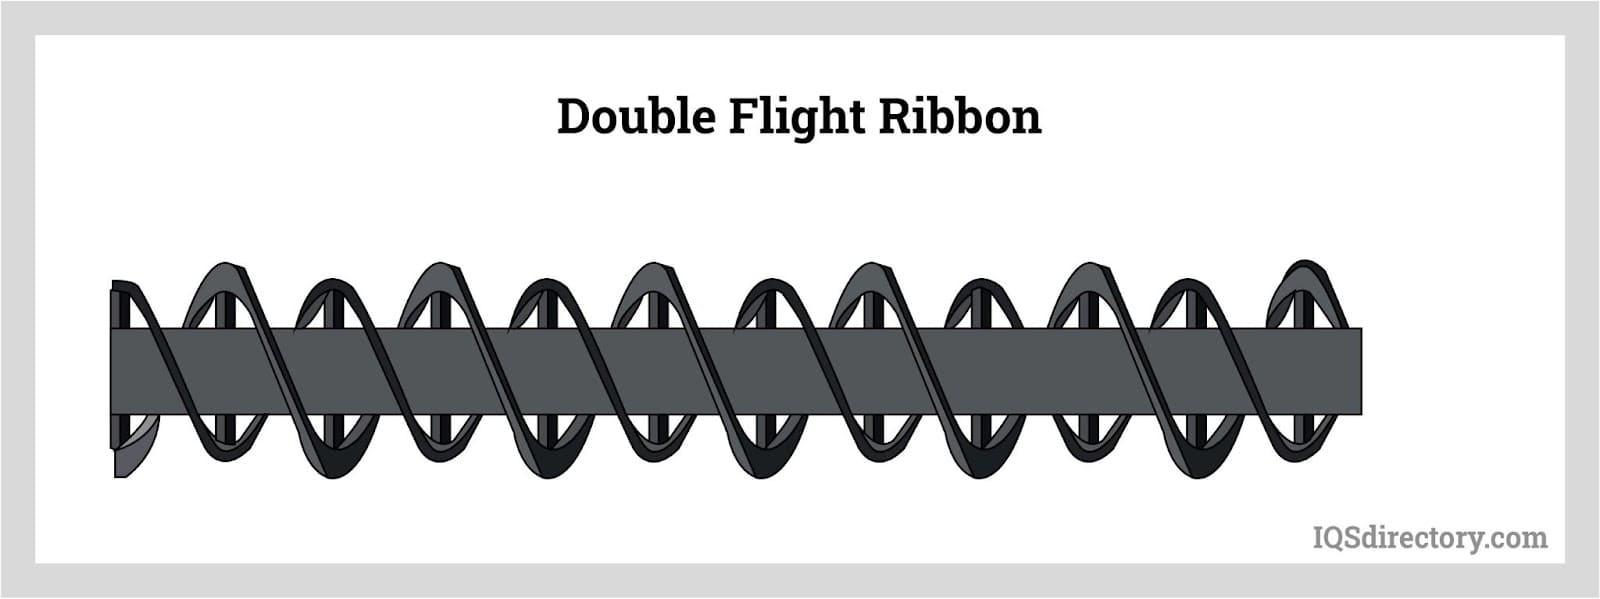 Double Flight Ribbon